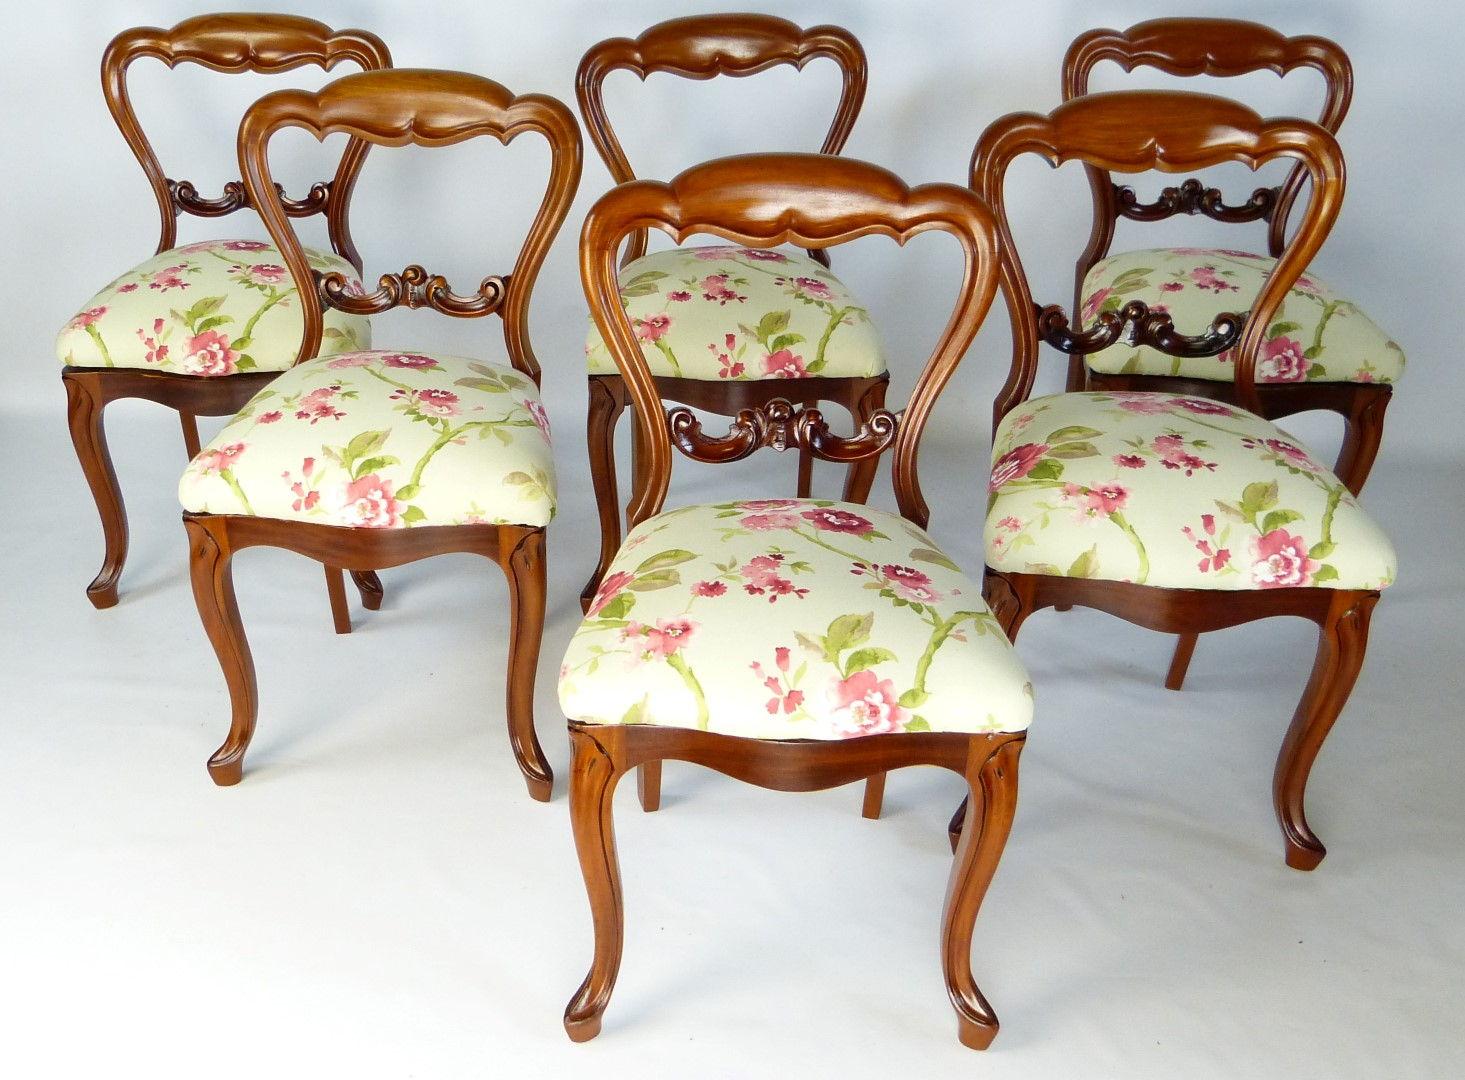 Pastoral restaurante sillas antiguas comedor blanco simple respaldo ...